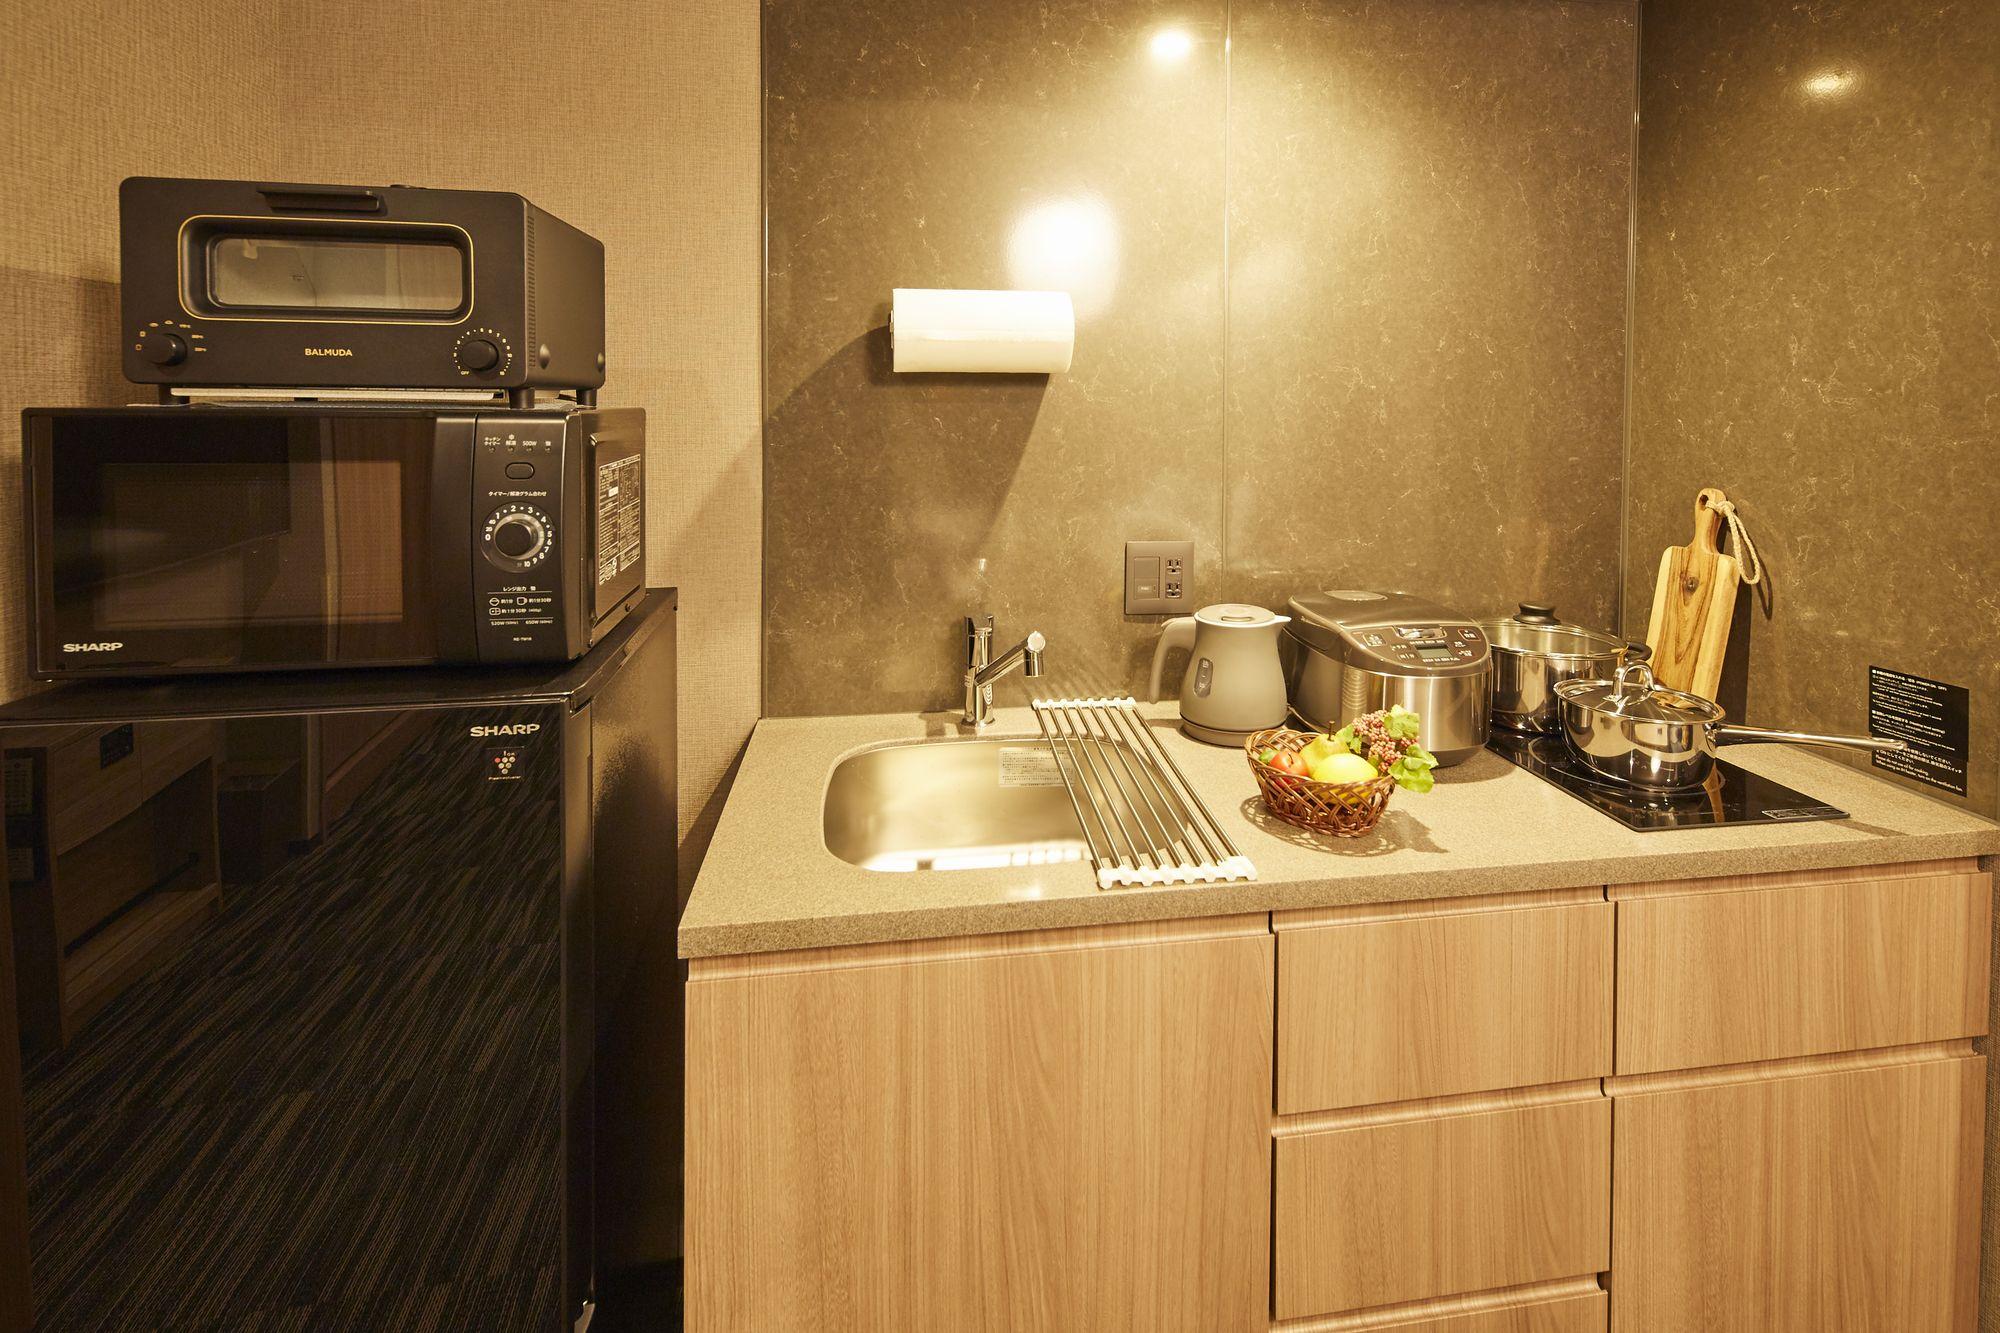 スチームでパンを美味しくいただけるバルミューダのトースターを各お部屋にご用意しております。